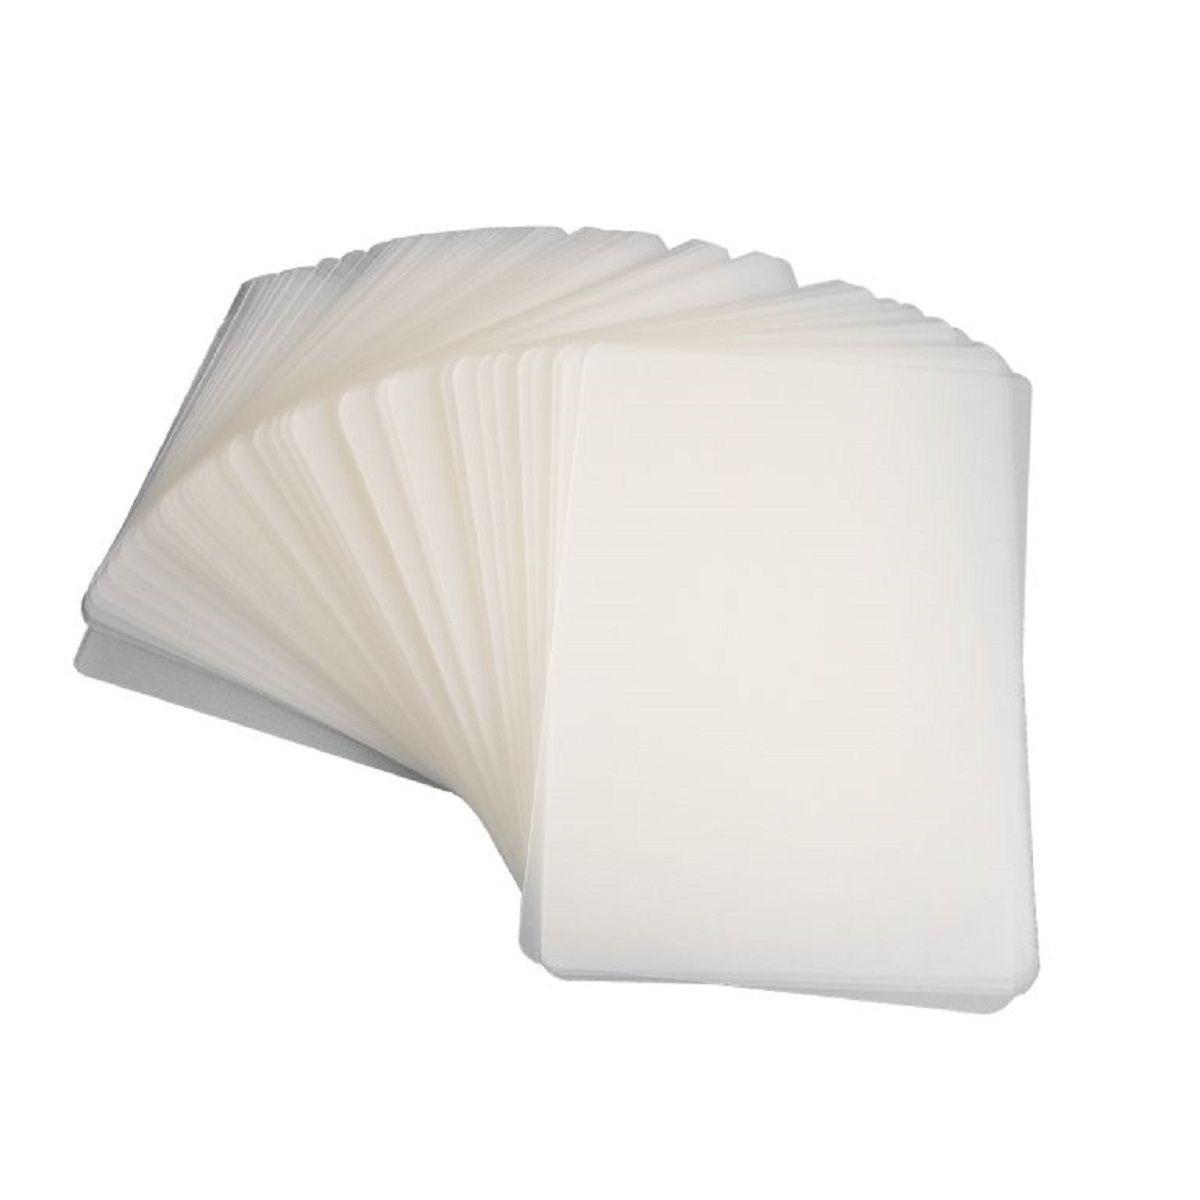 Kit 1000 Plasticos Polaseal para Plastificação CPF 66x99x0,05mm (125 micras)  - Click Suprimentos